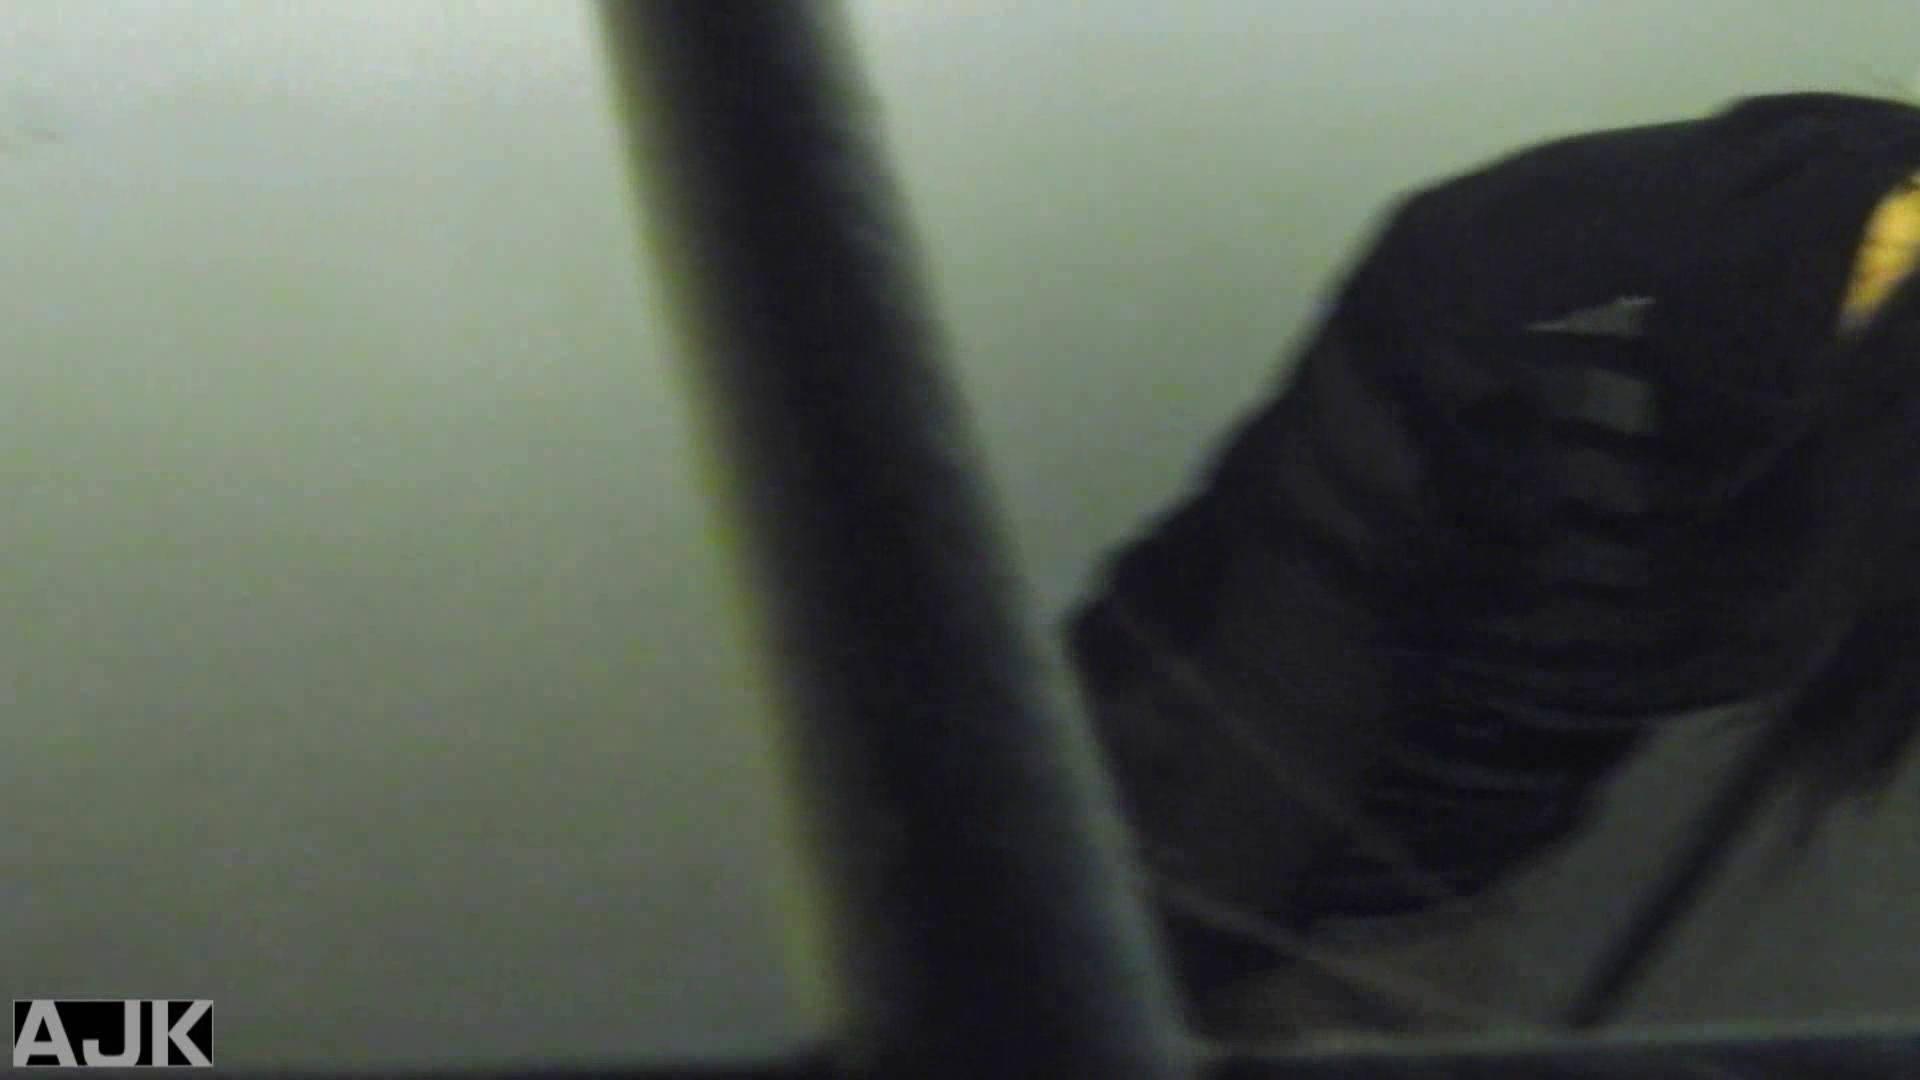 神降臨!史上最強の潜入かわや! vol.22 美女丸裸 セックス画像 96pic 95